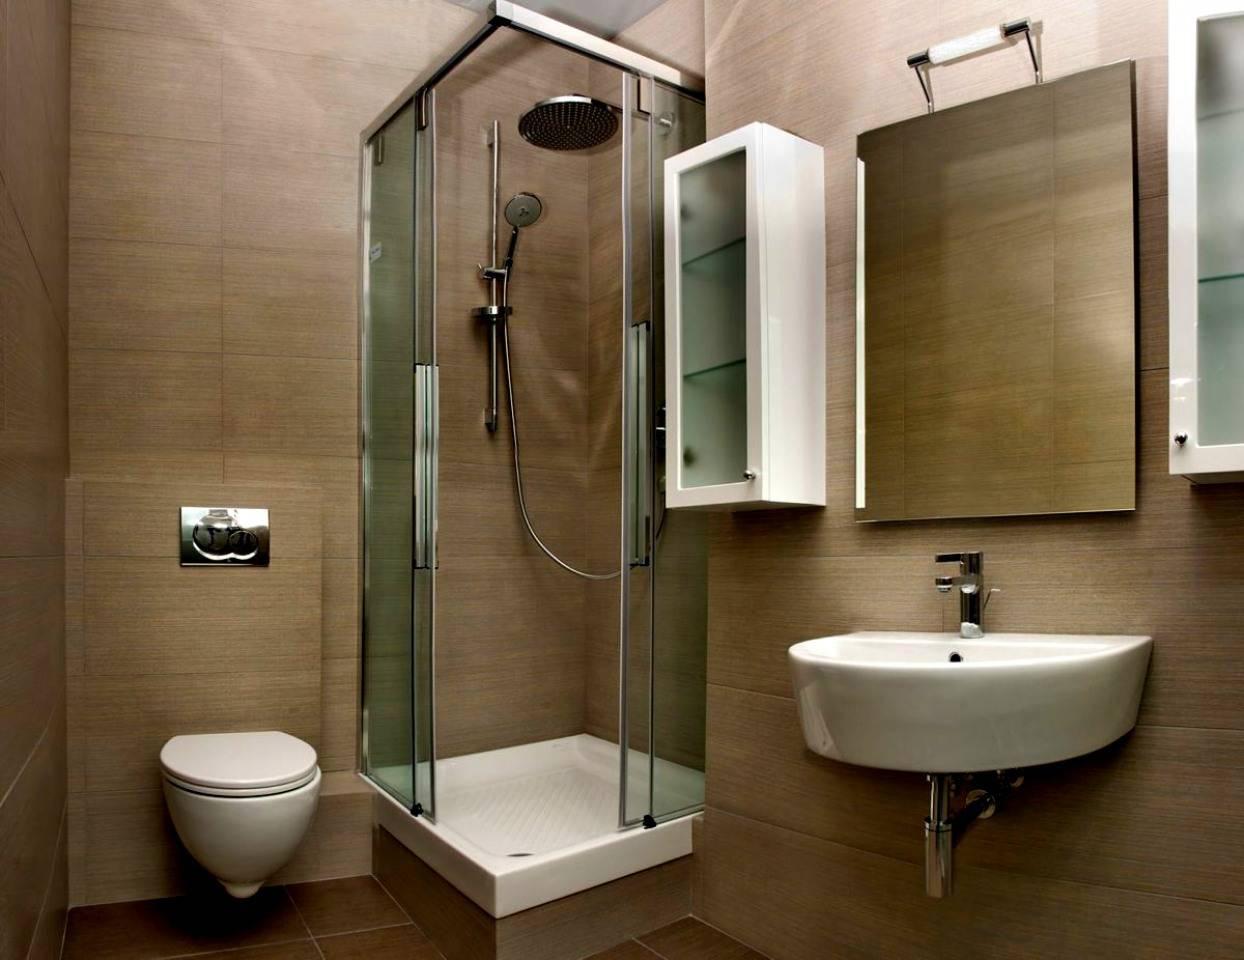 Tư vấn thiết kế nhà ở gi đình có đông thành viên với diện tích (3x10m), chi phí khoảng 670 triệu đồng - Ảnh 13.